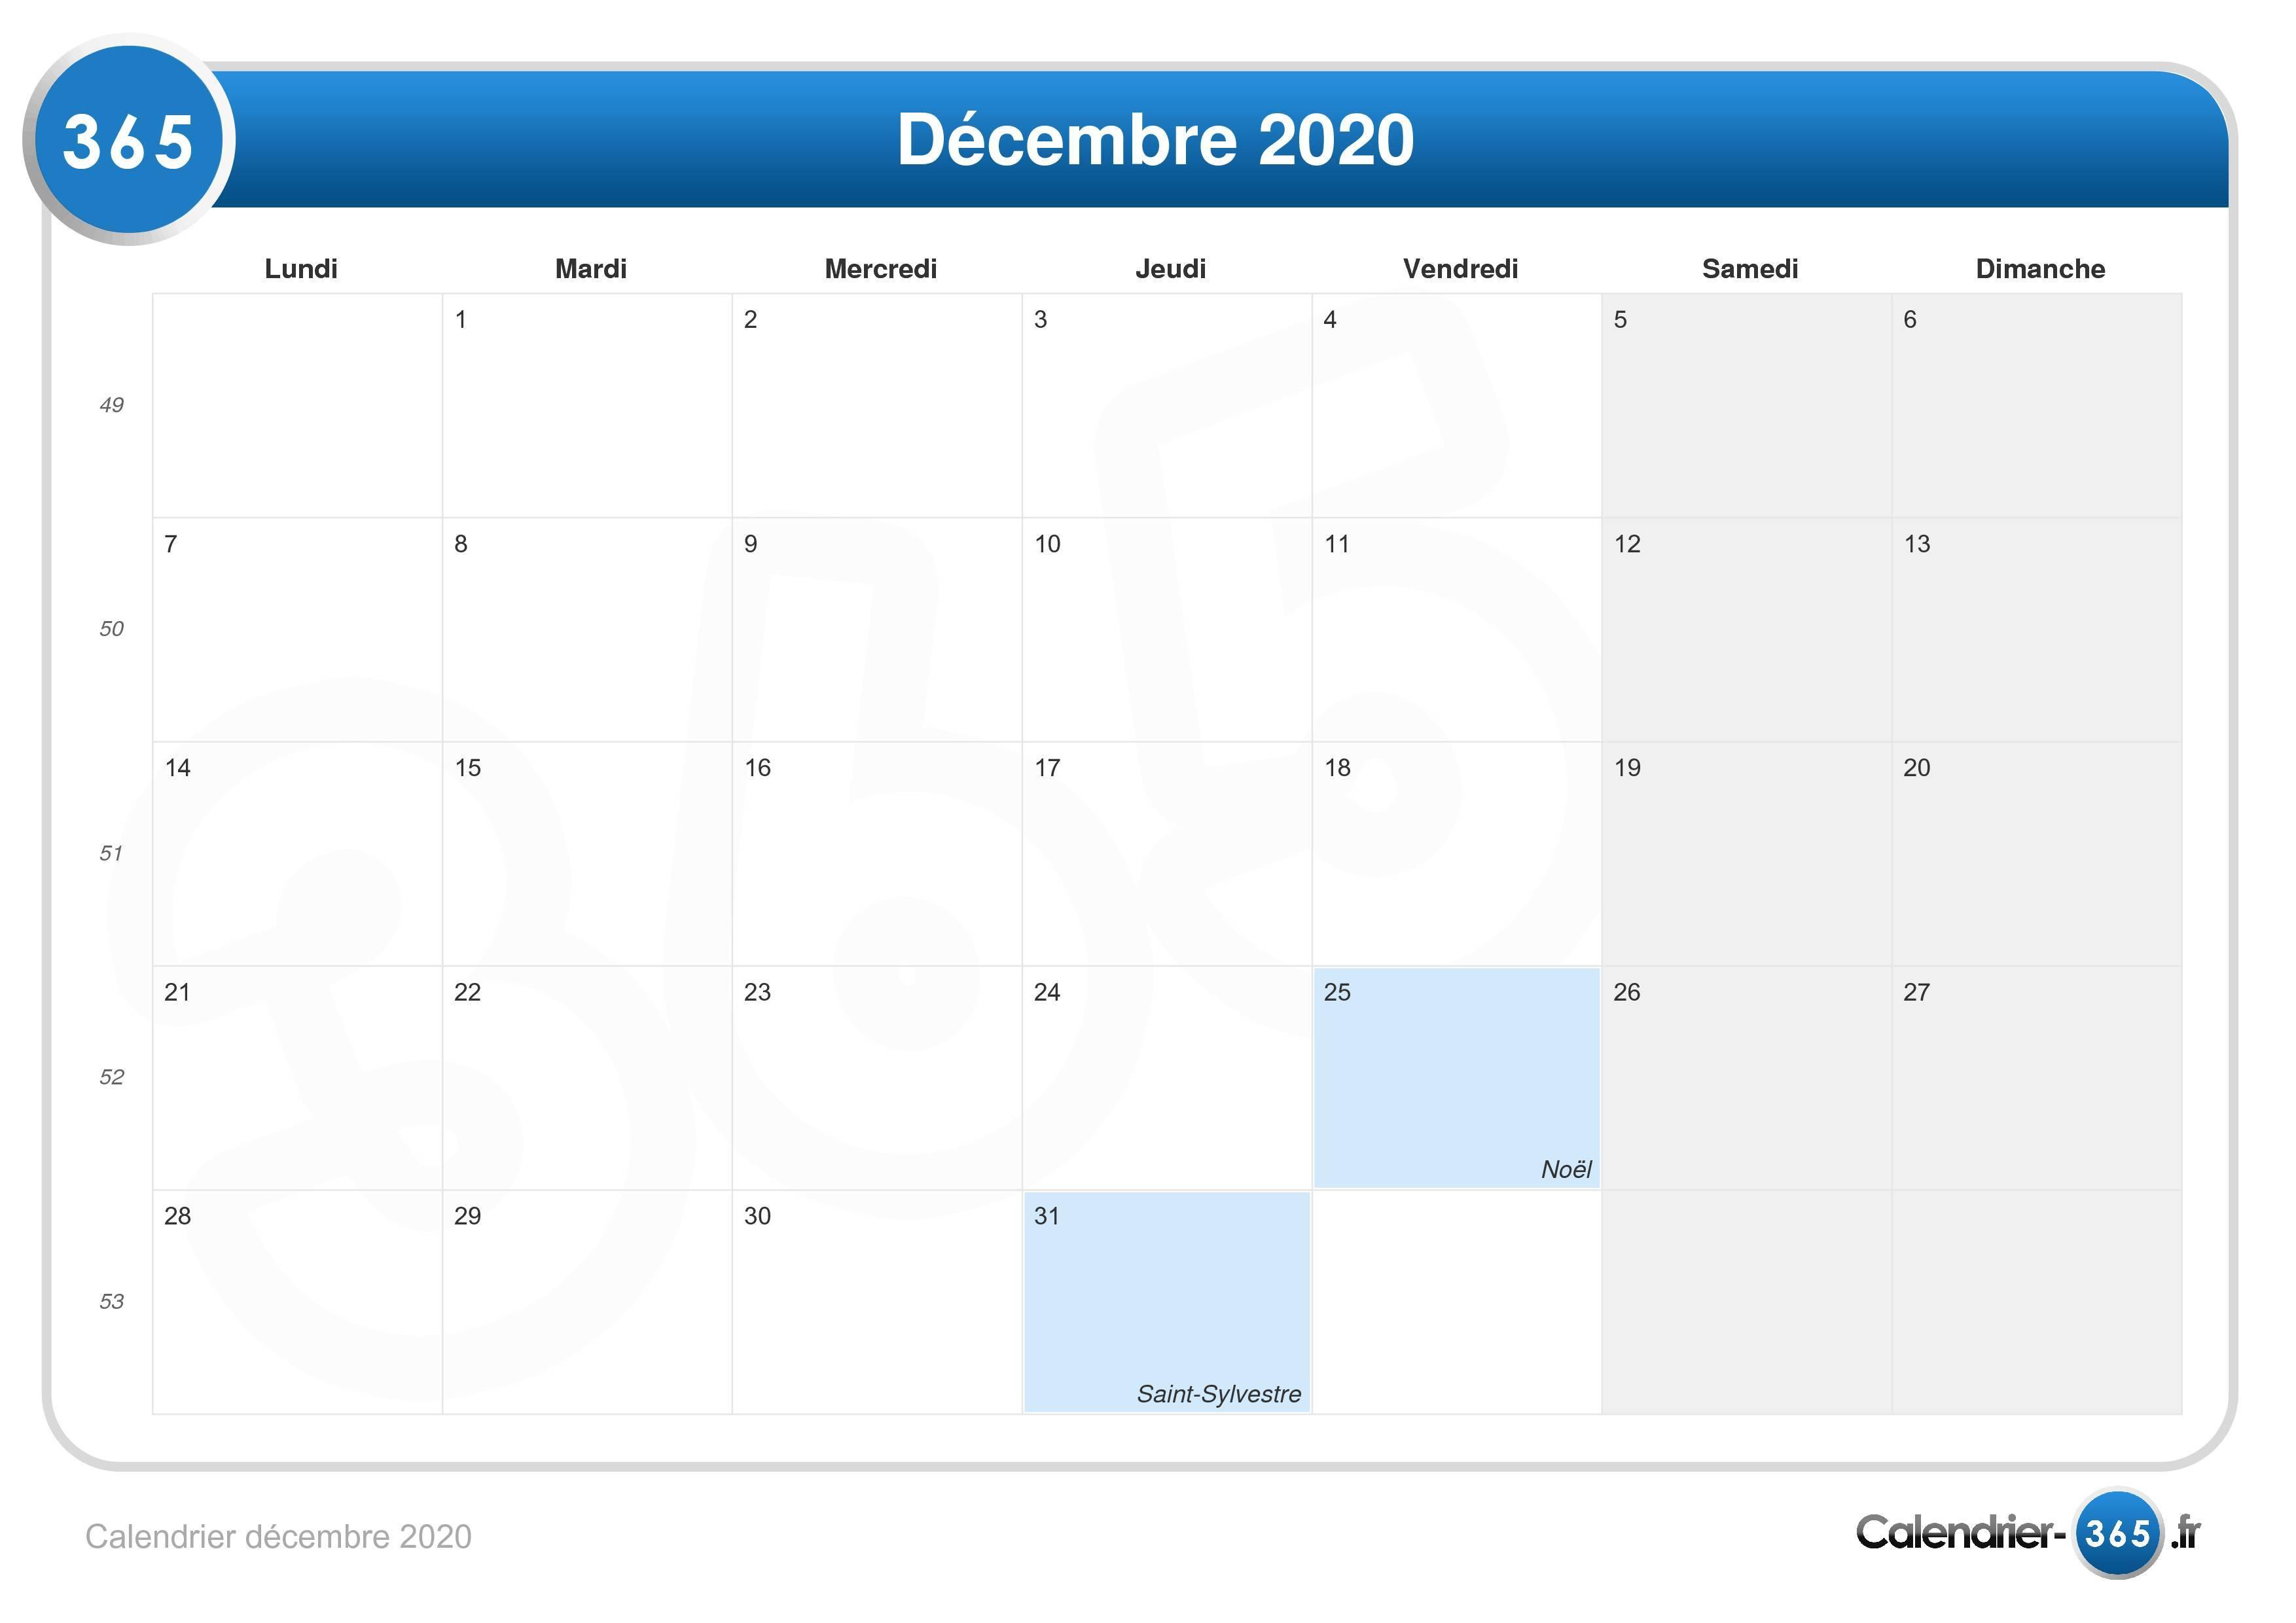 Calendrier Decembre 2020.Calendrier Decembre 2020